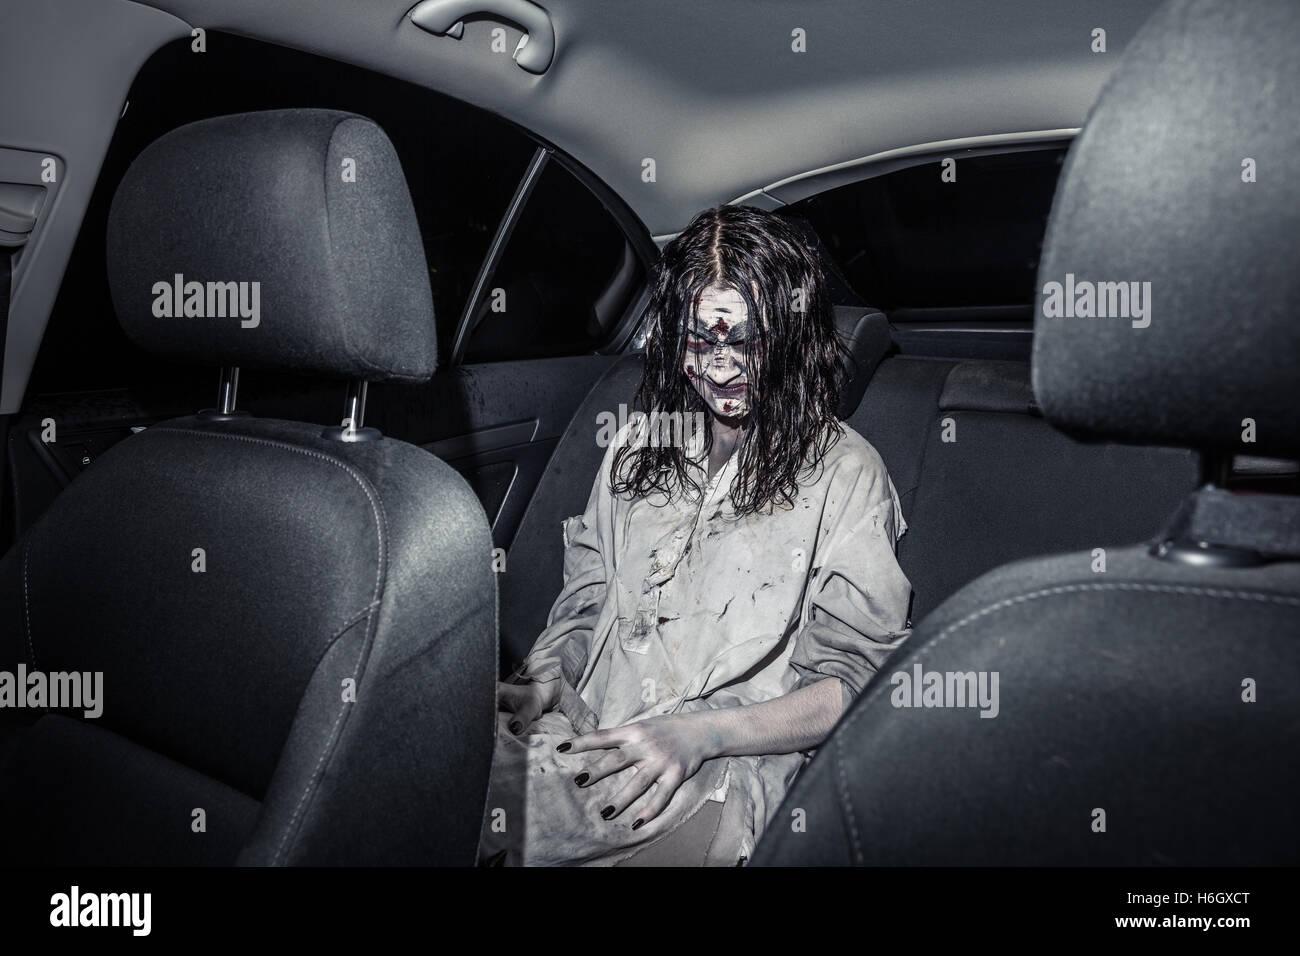 zombie horreur femme avec face sanglante dans la voiture - Zombie Voiture